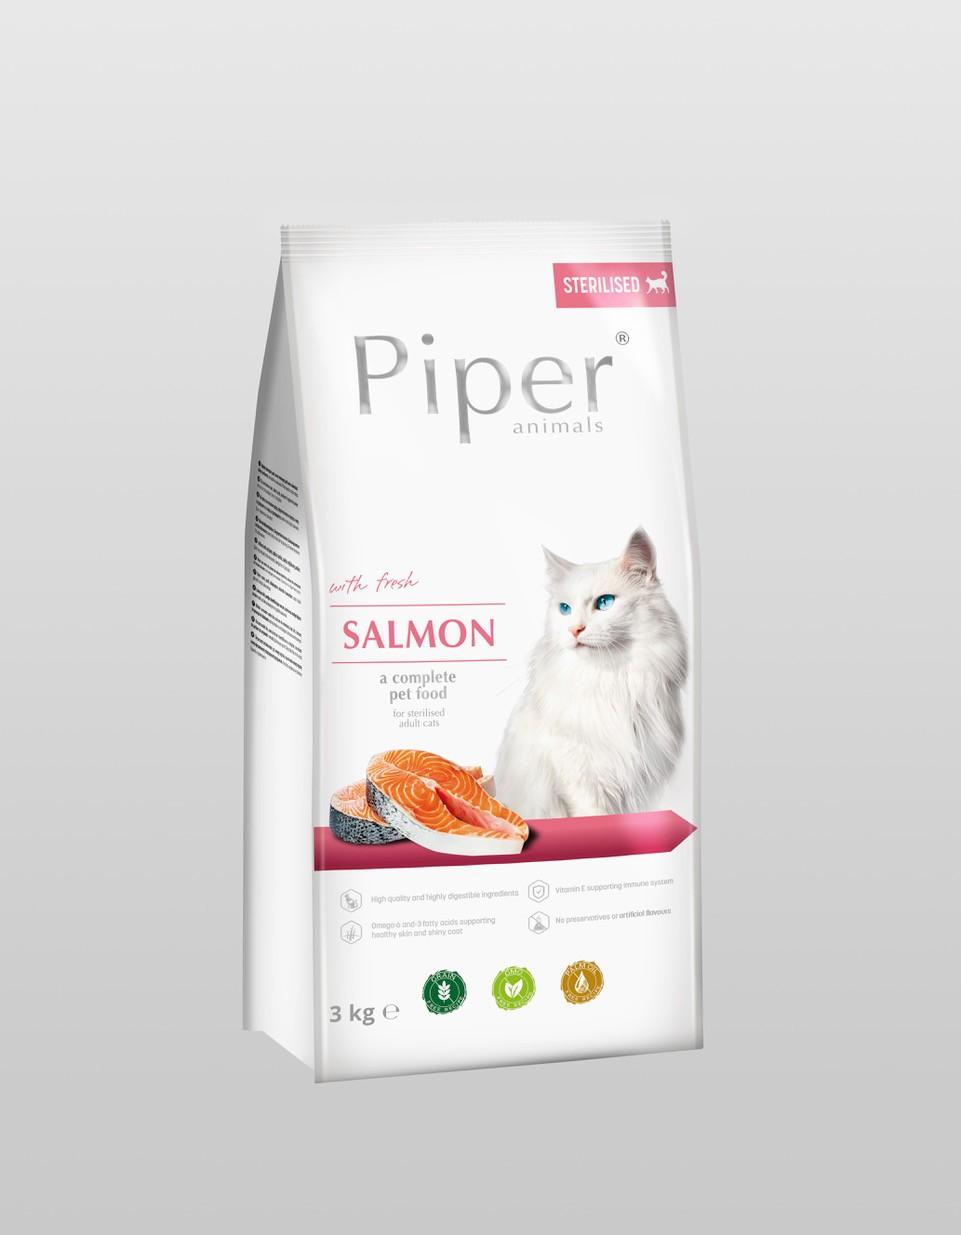 piper 3 kg v3 – SALMON